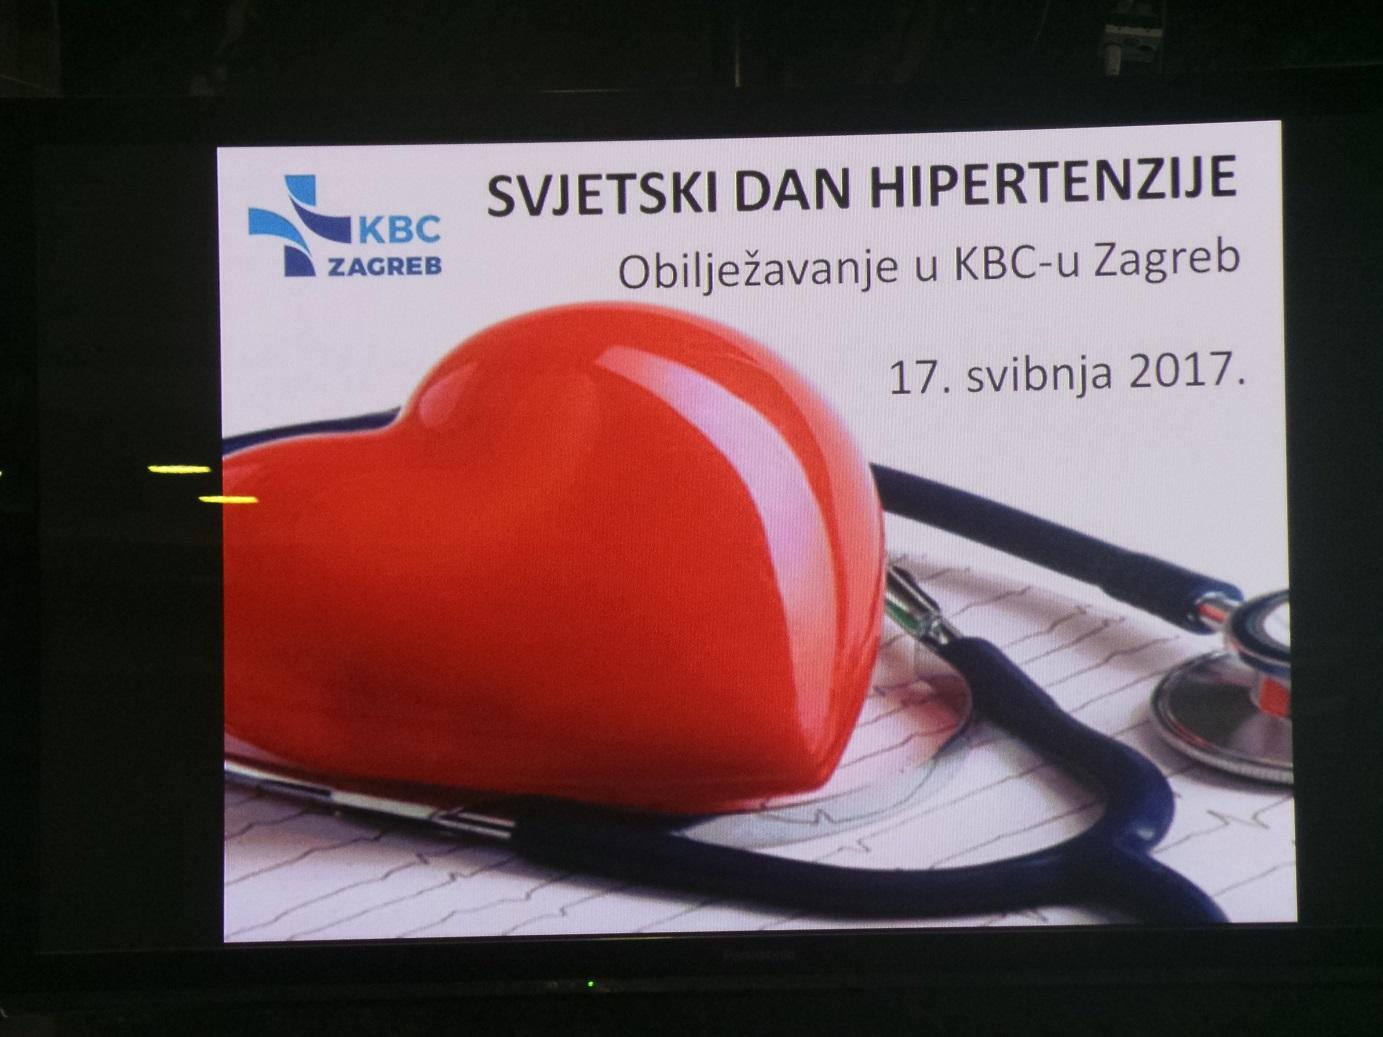 hipertenzija i svjetski dan zdravlja